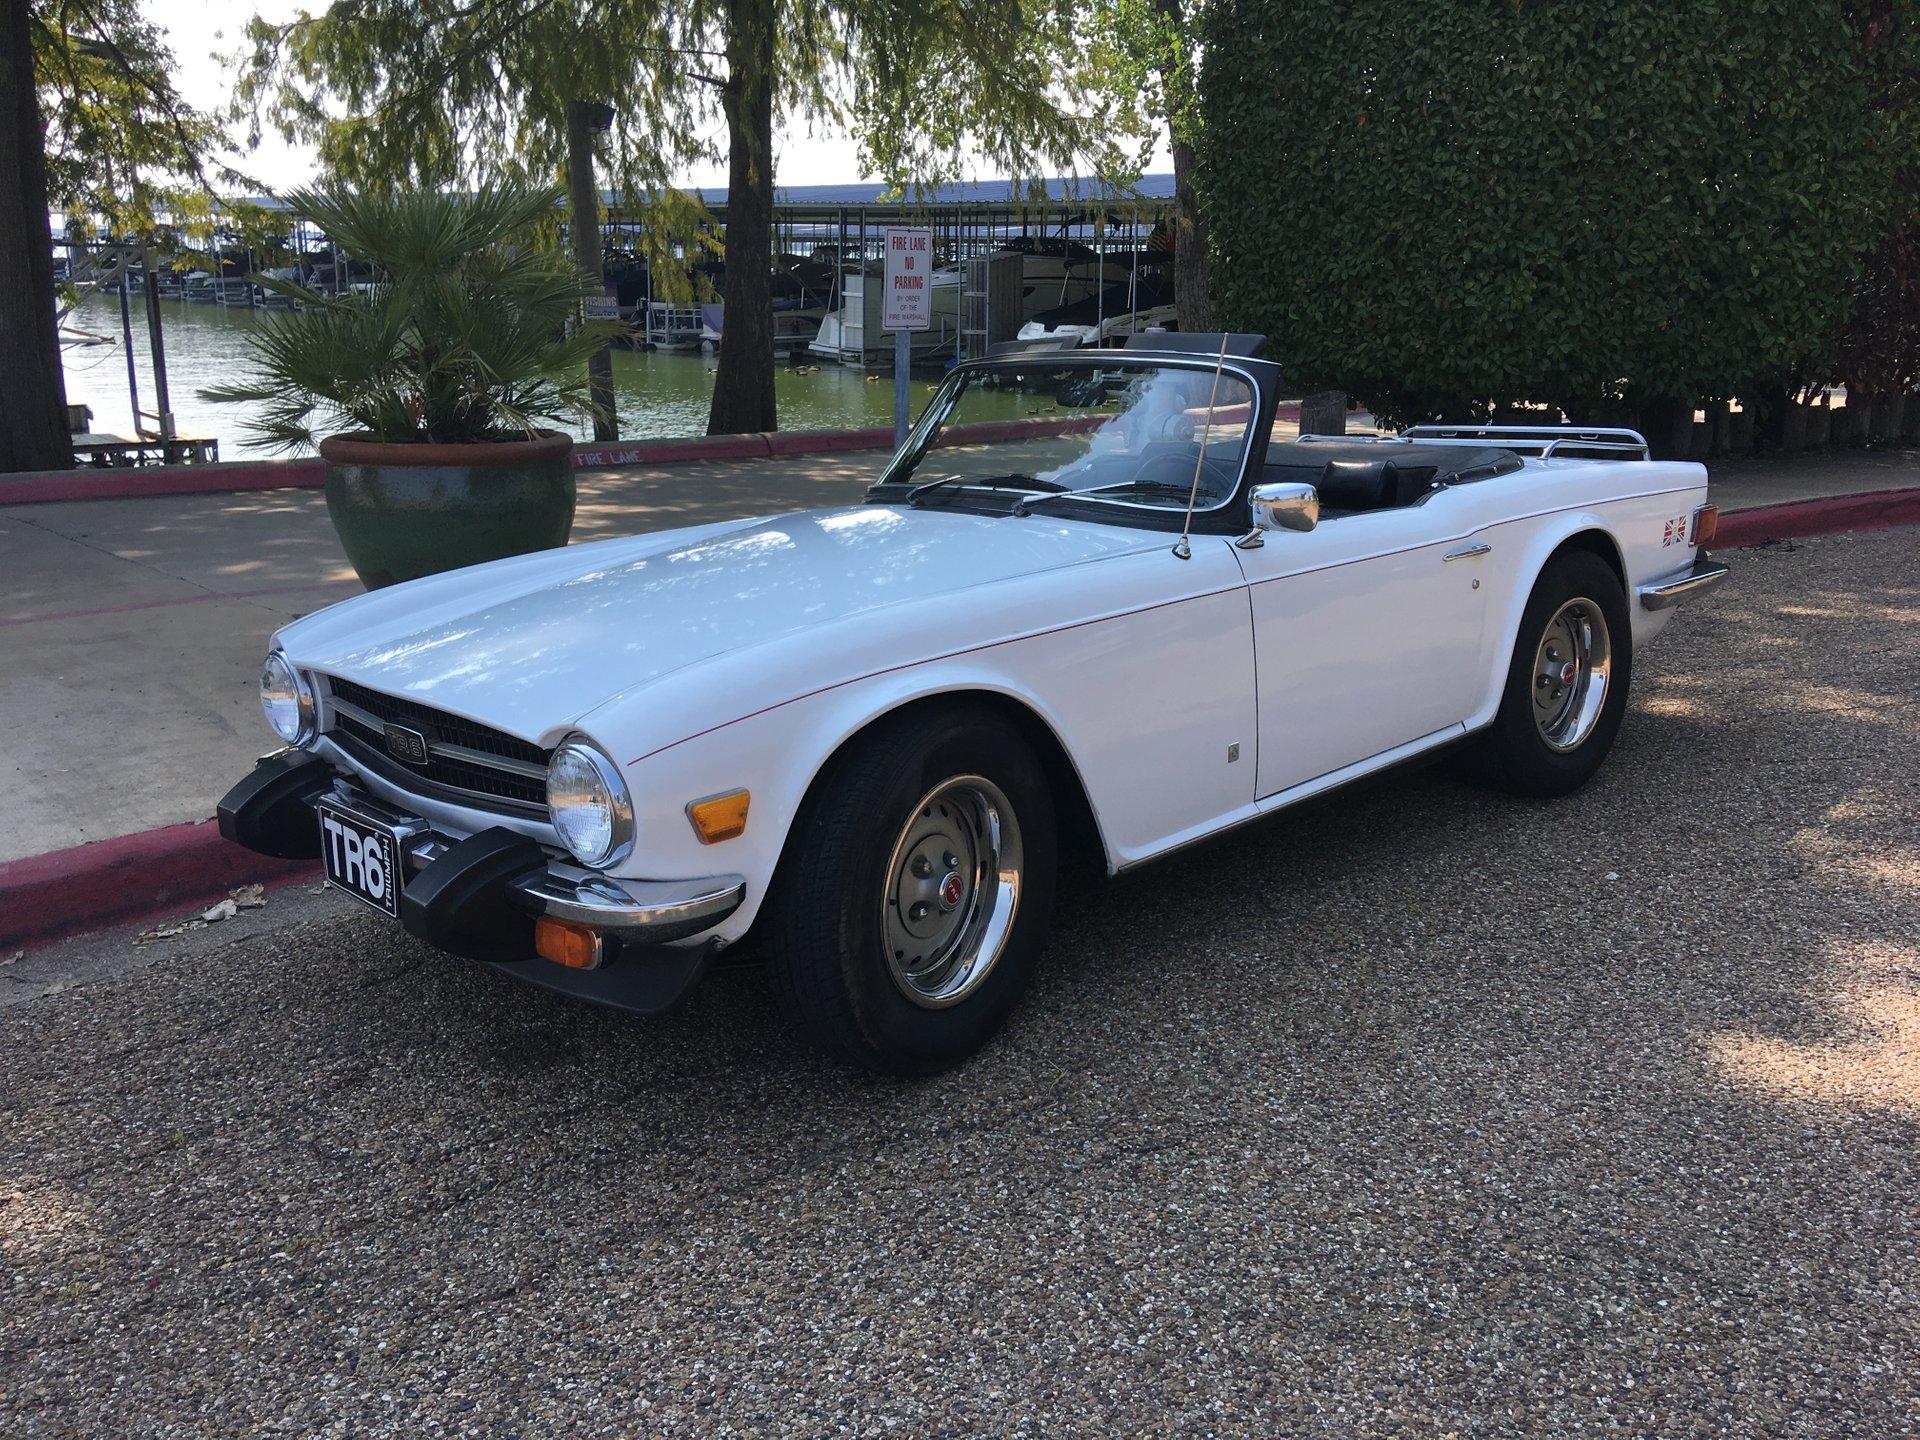 1976 triumph tr6 roadster